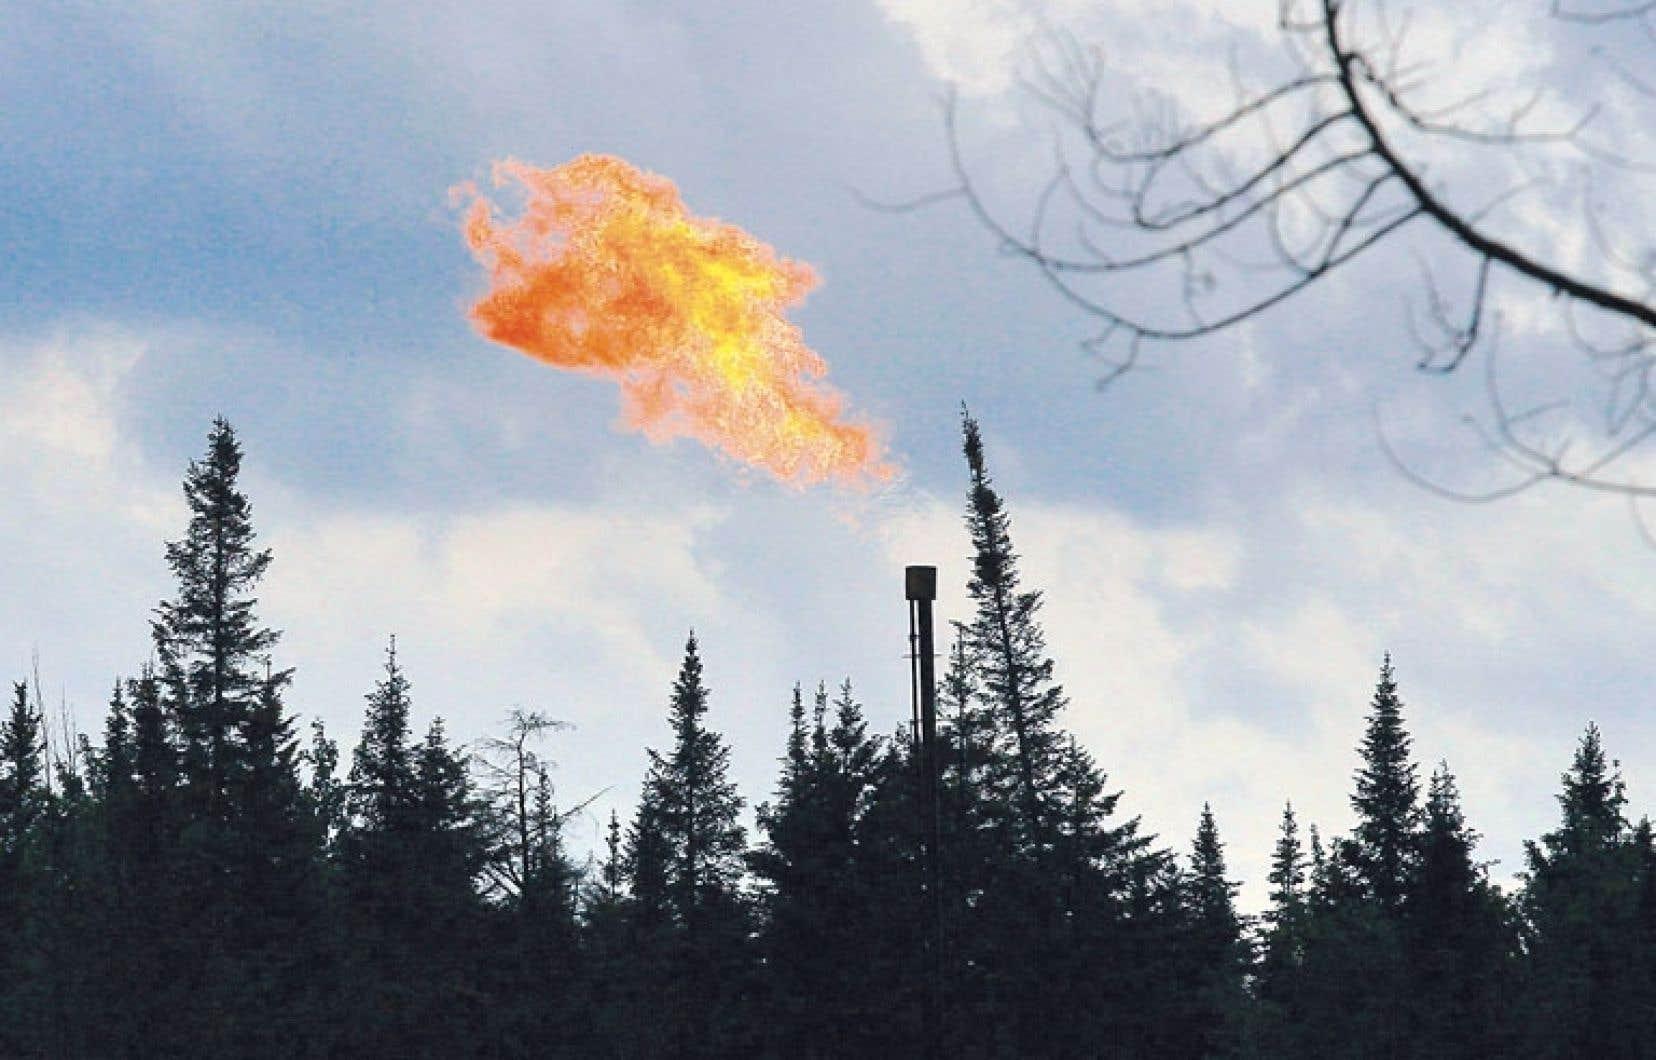 Une évaluation environnementale stratégique de l'industrie du gaz de schiste lancée par le gouvernement précédent est en cours.